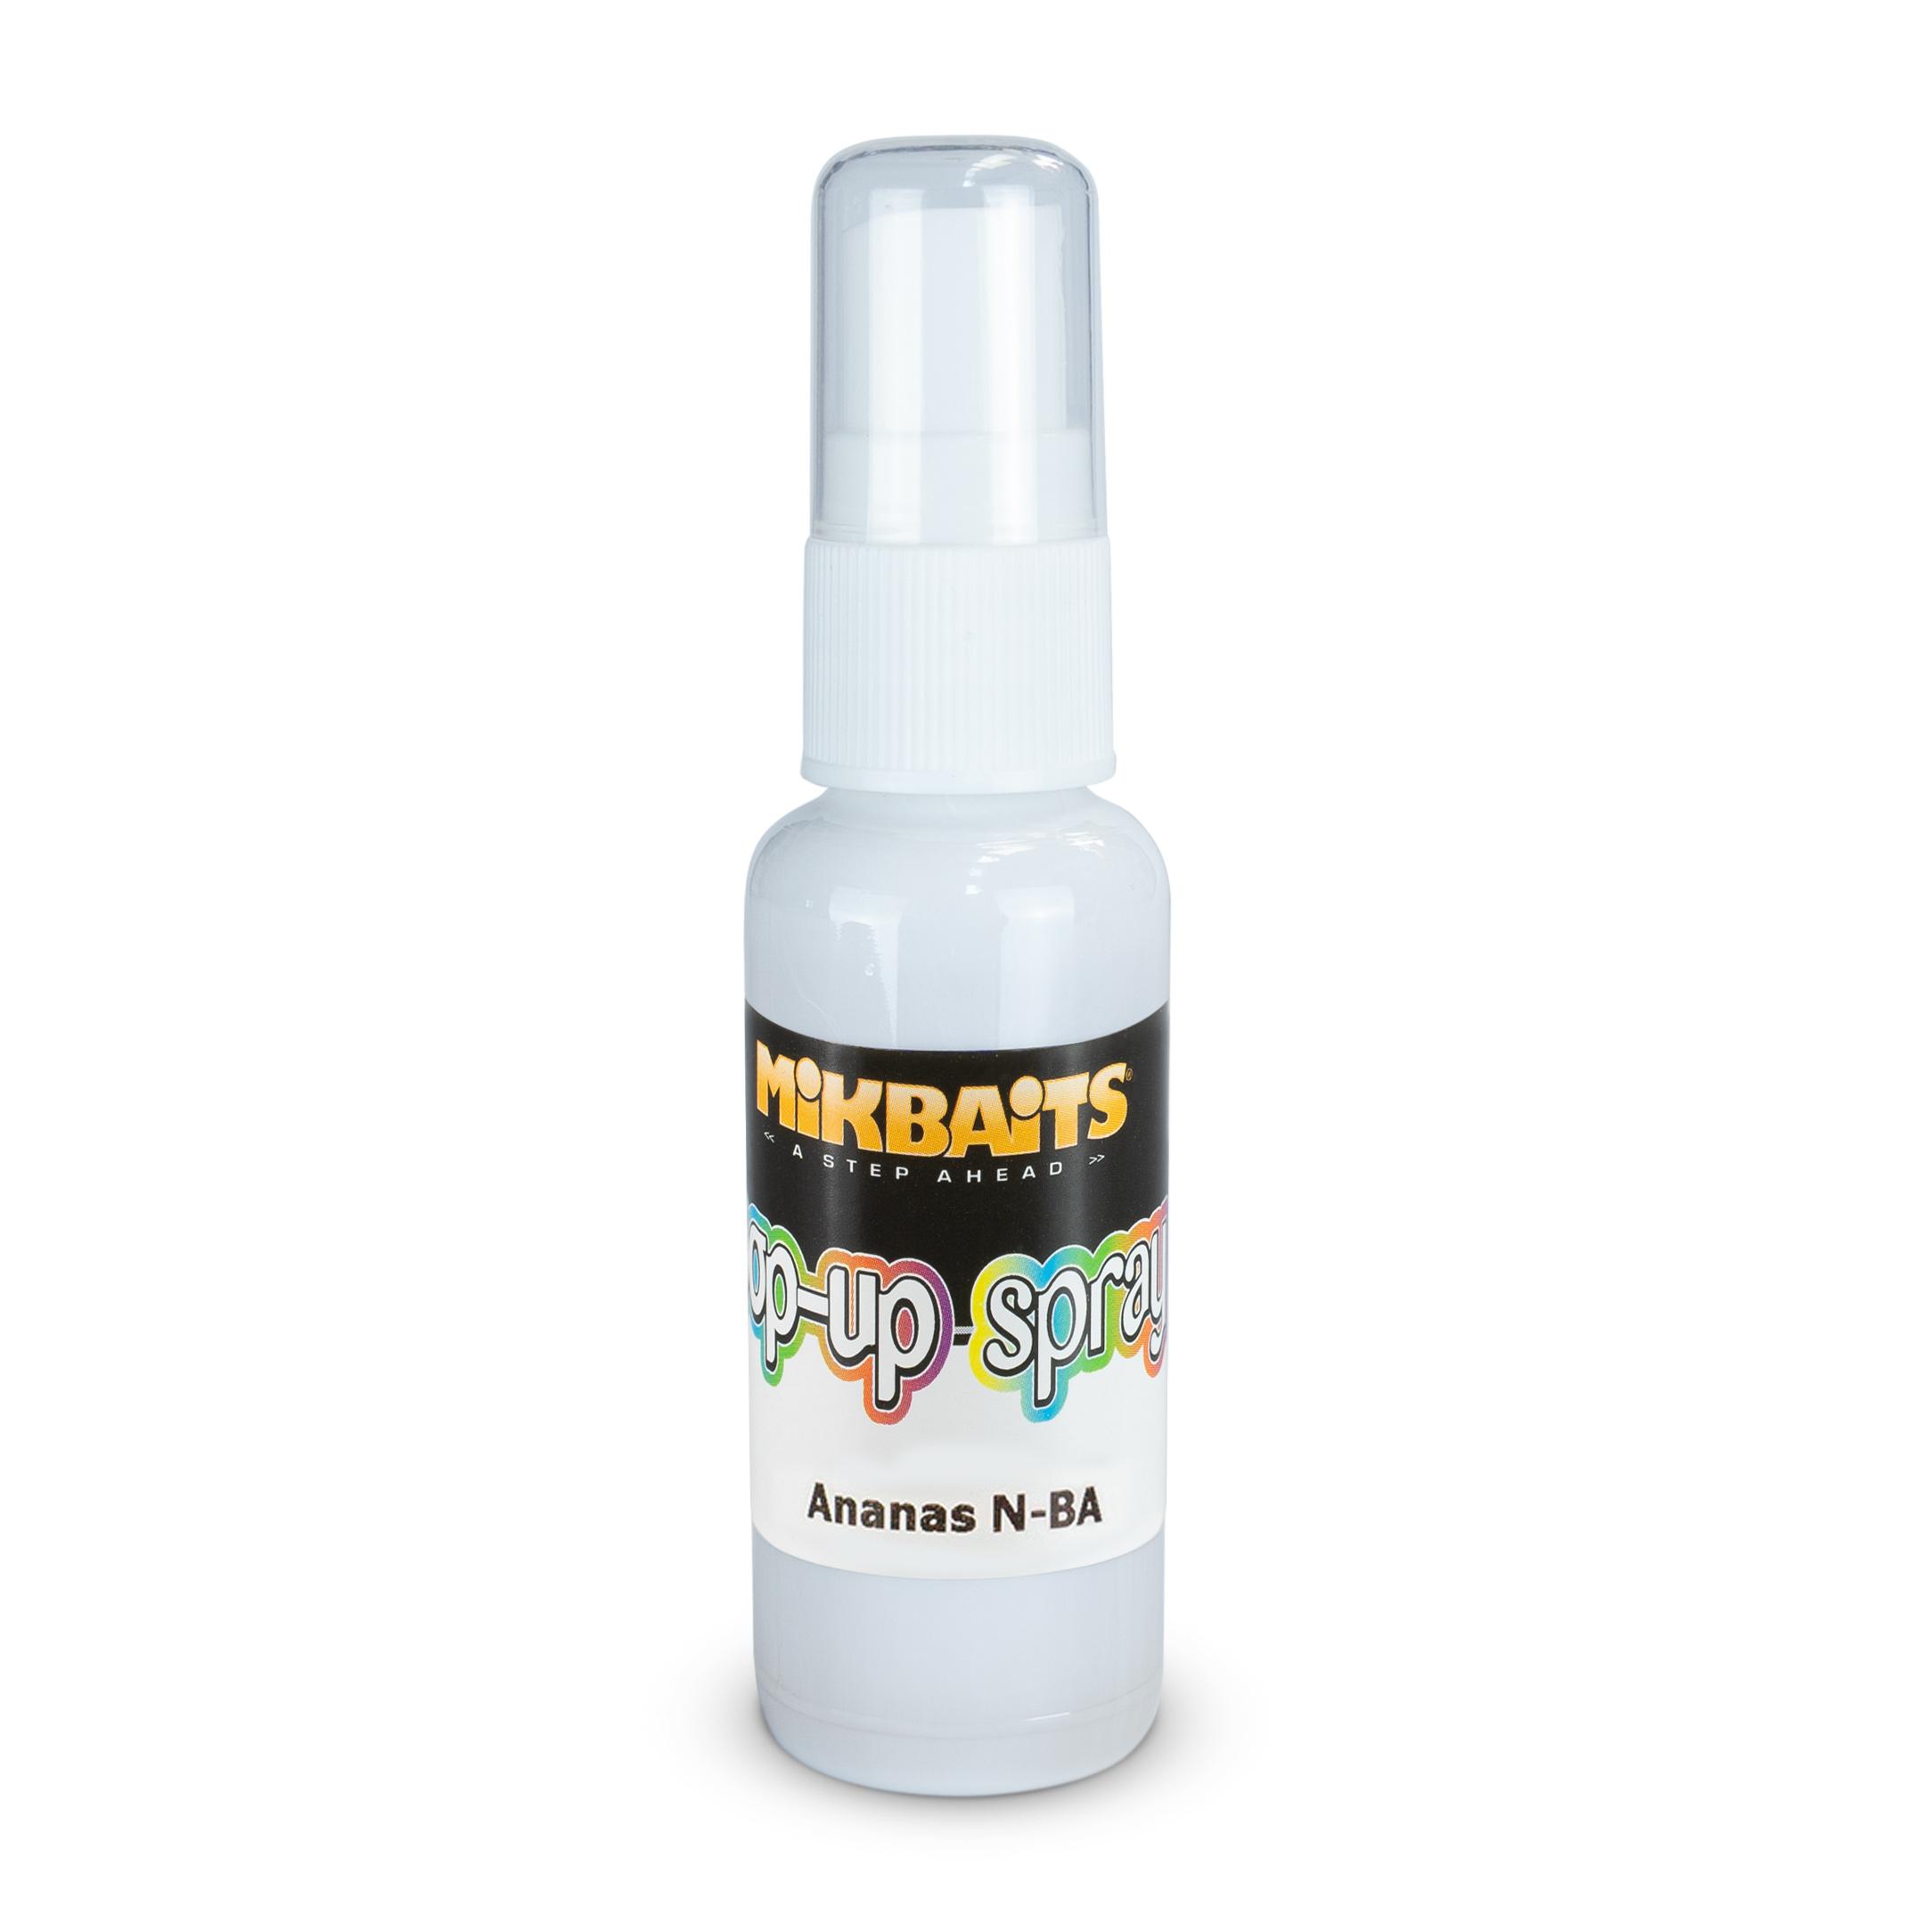 Pop-up spray 30ml - Ananas N-BA